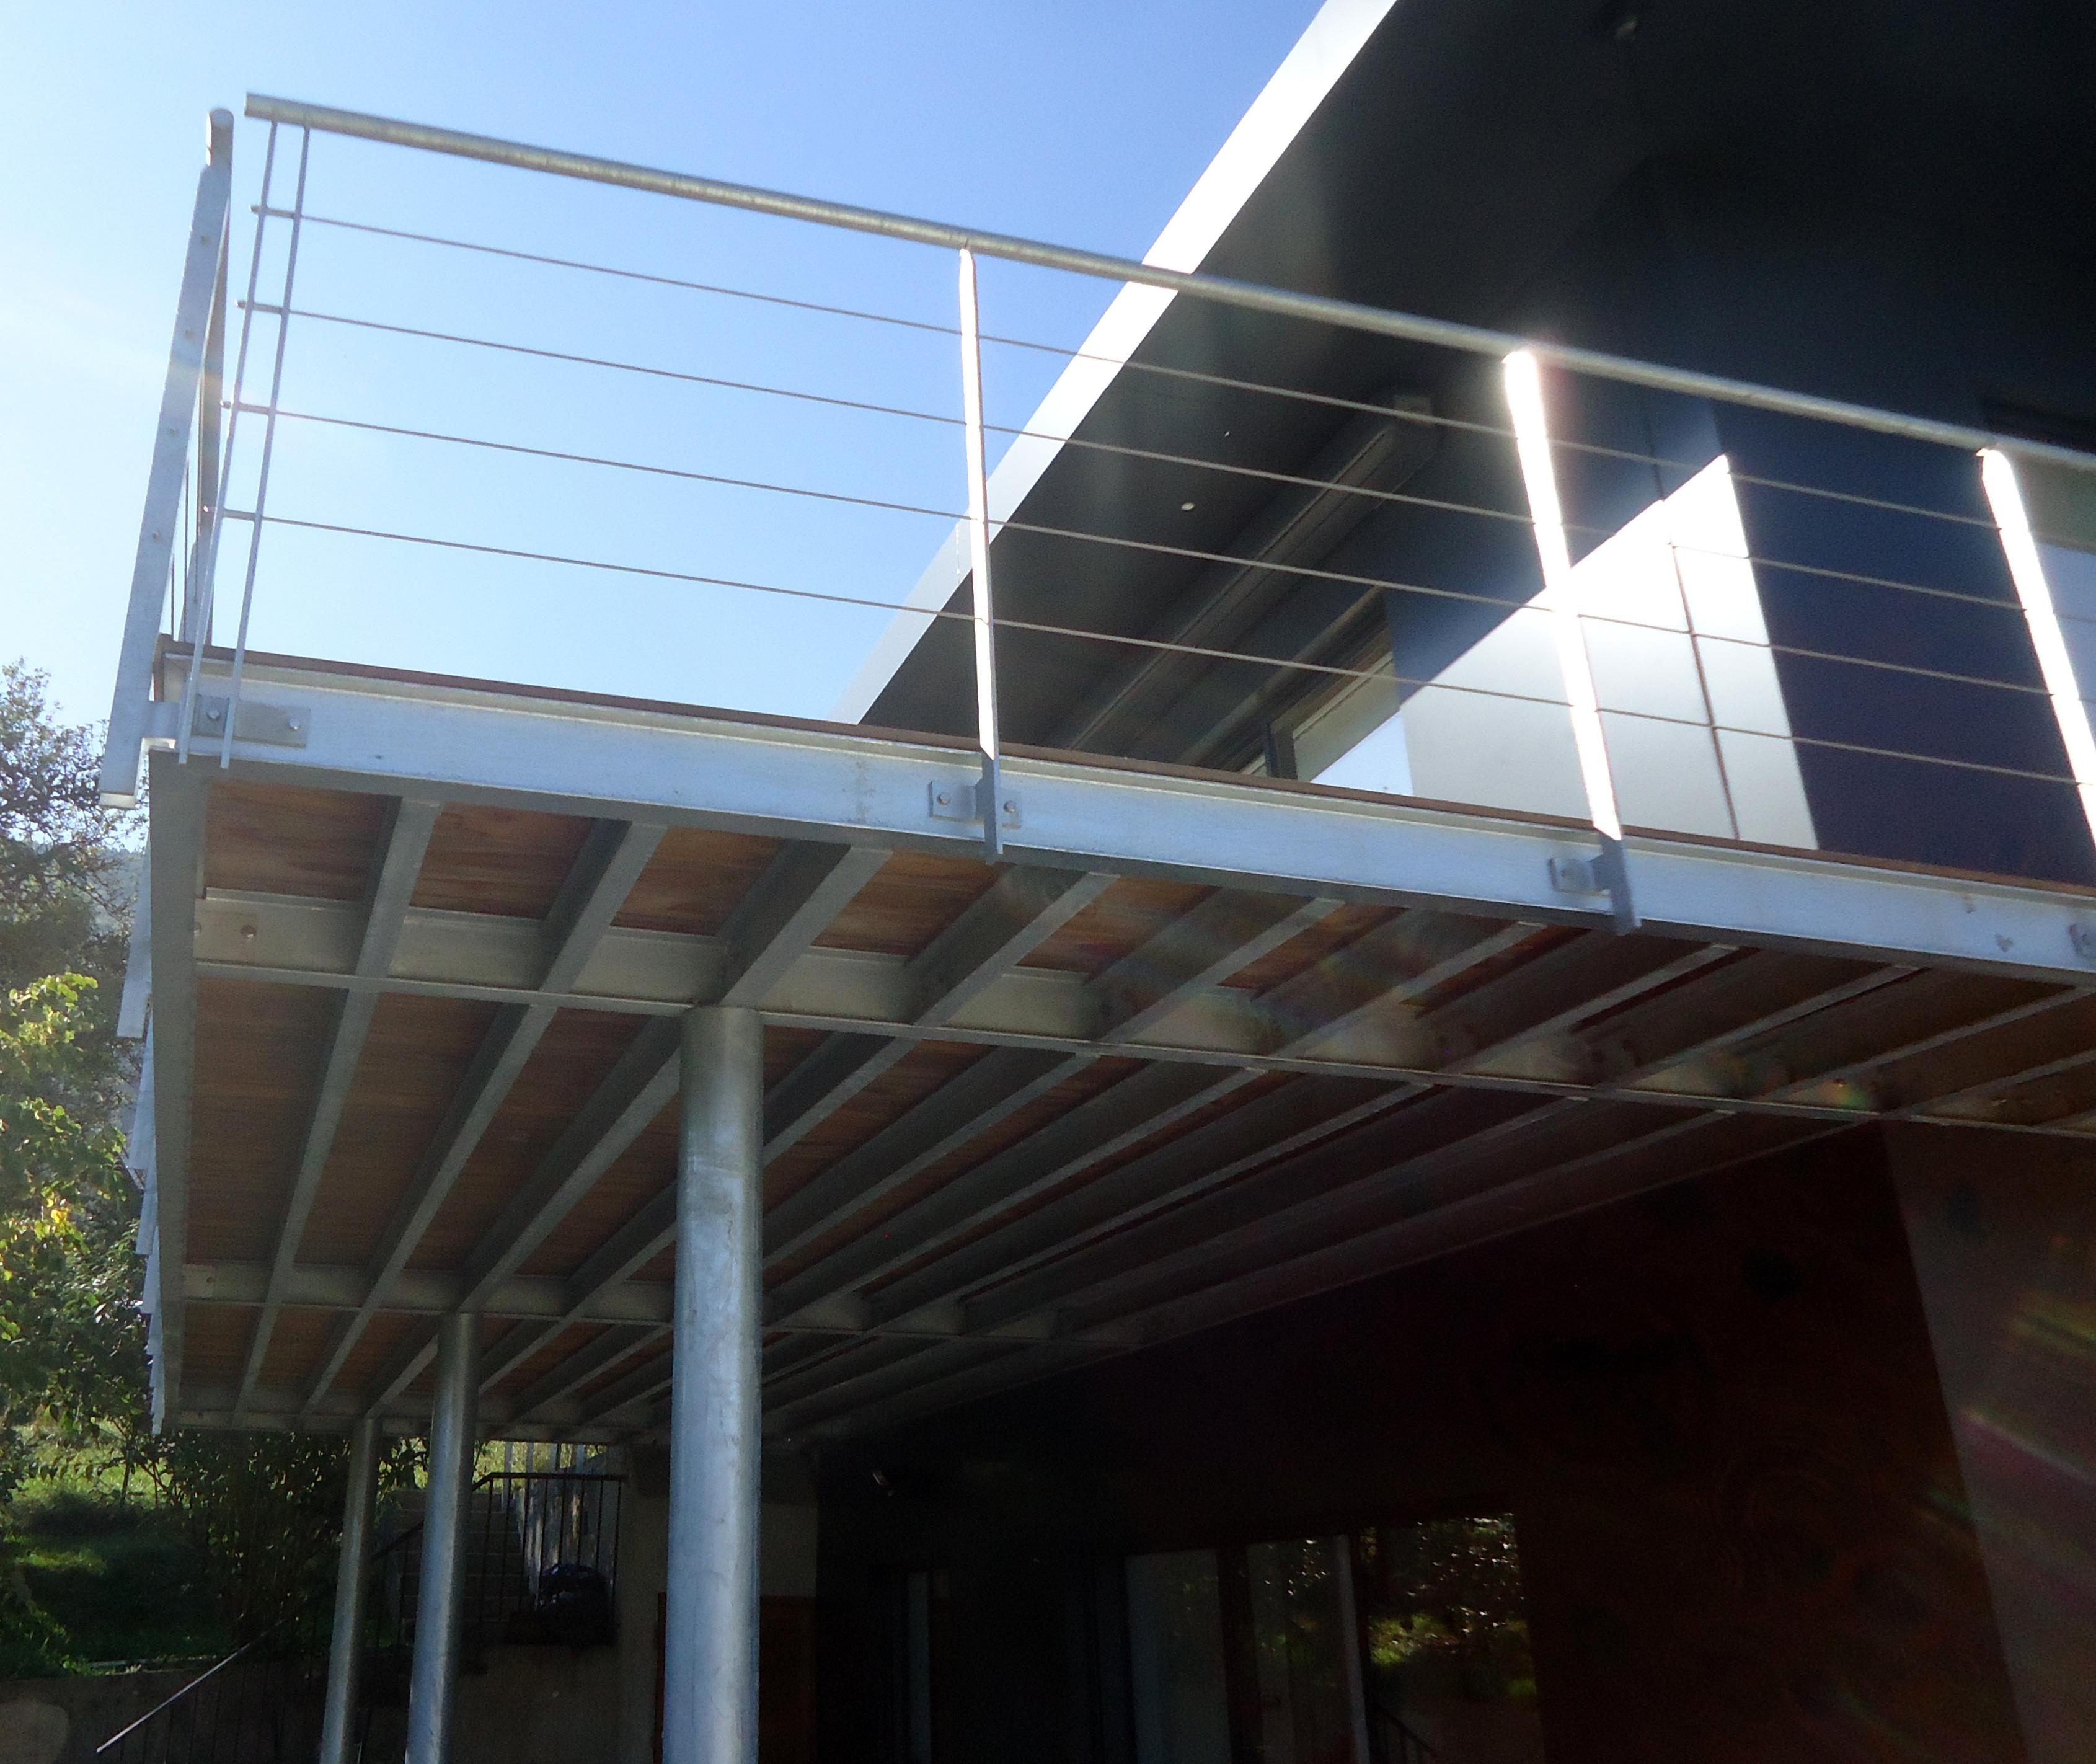 terrasse ossature m tallique garde corps acier avec c ble soci t du villaret. Black Bedroom Furniture Sets. Home Design Ideas